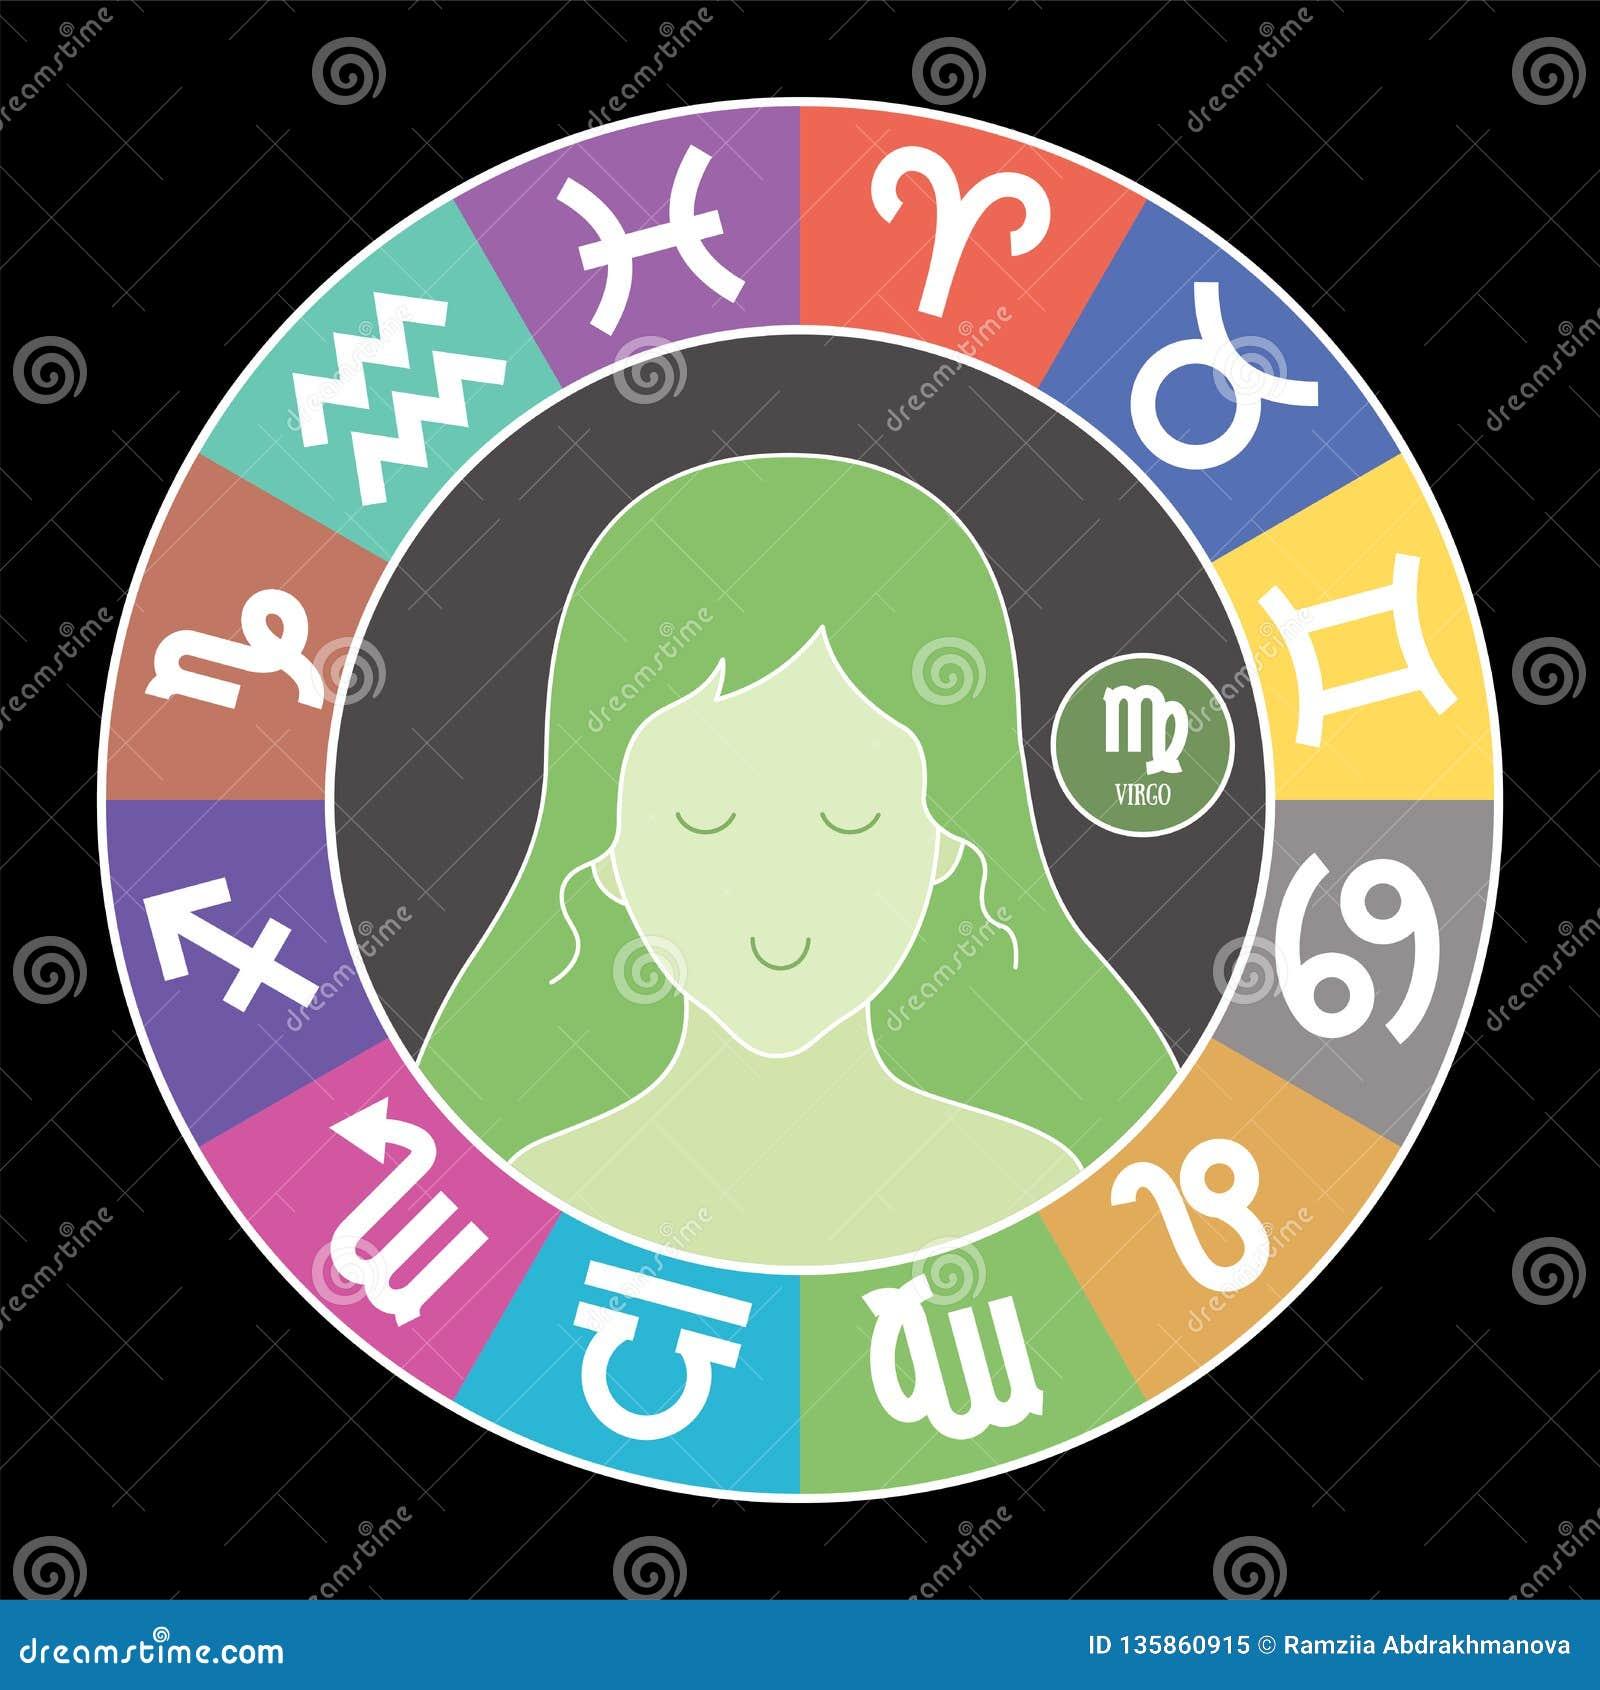 Het teken van de Maagddierenriem Waterman, libra, leo, taurus, kanker, pisces, Steenbok, sagittarius, aries, Tweeling, Schorpioen